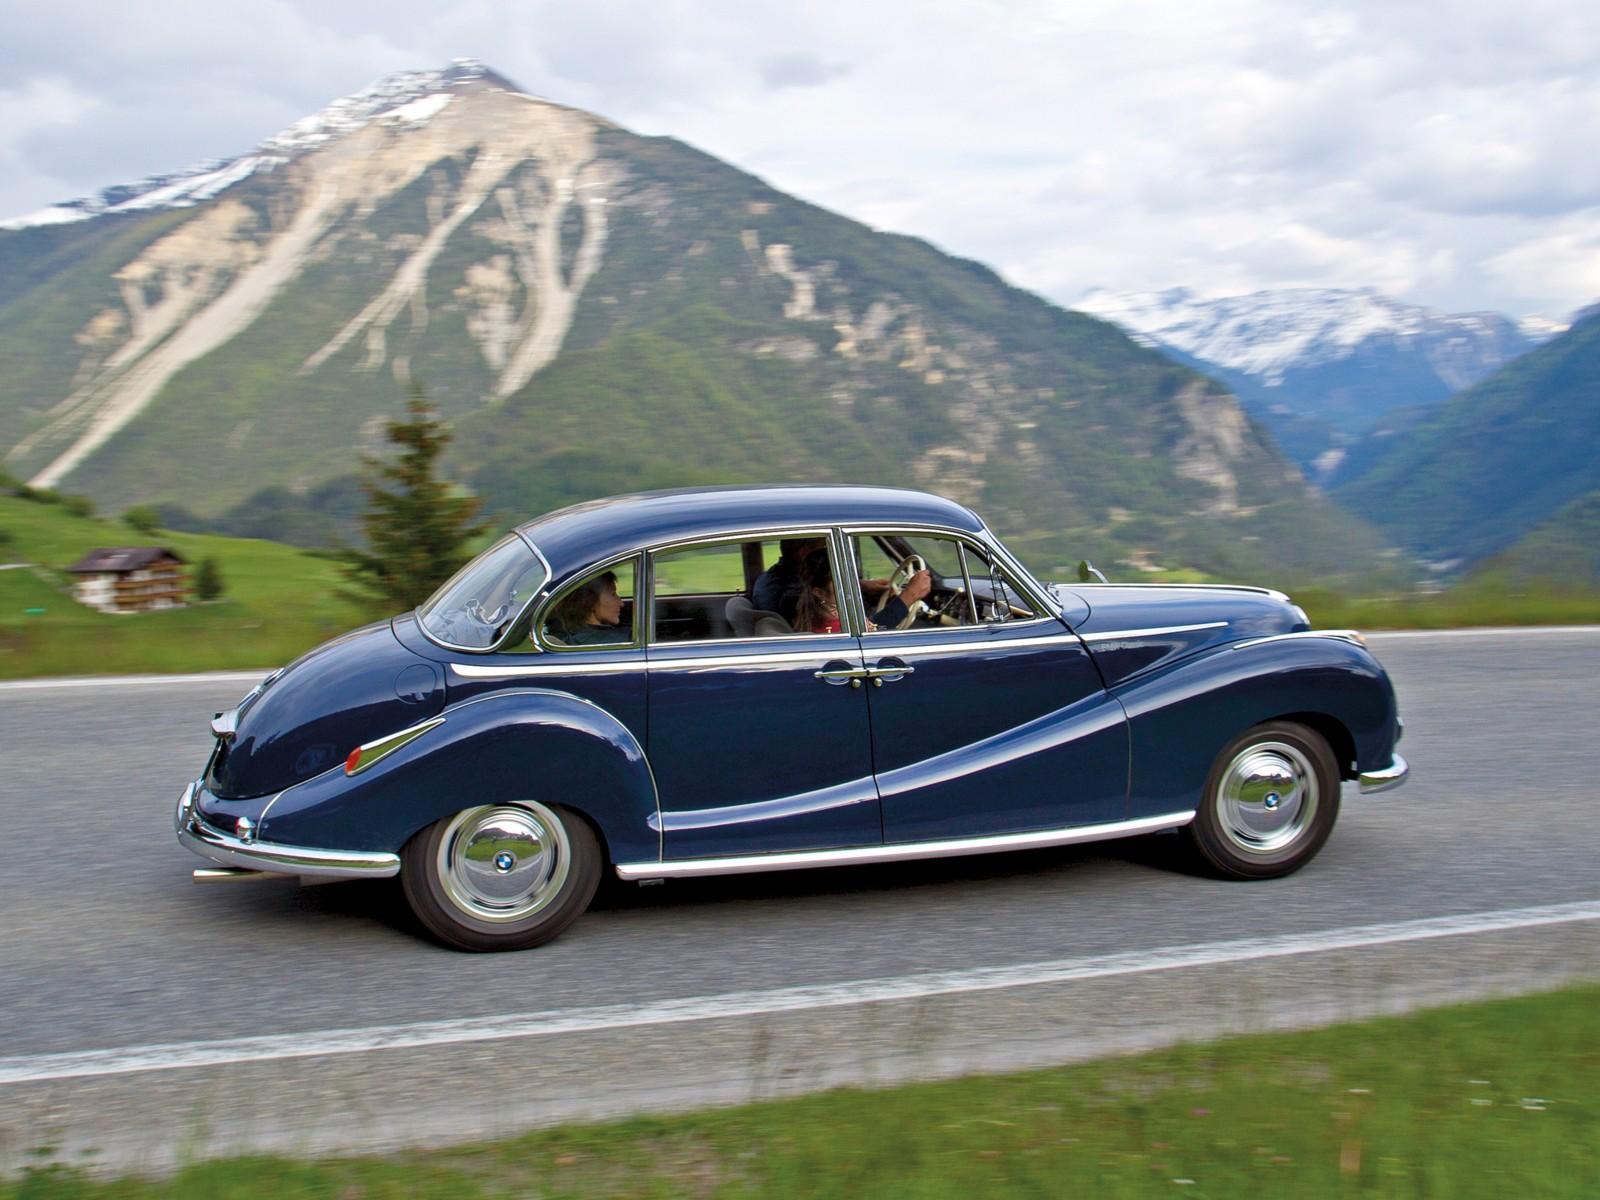 BMW 501 1952 - 1958 Sedan #2